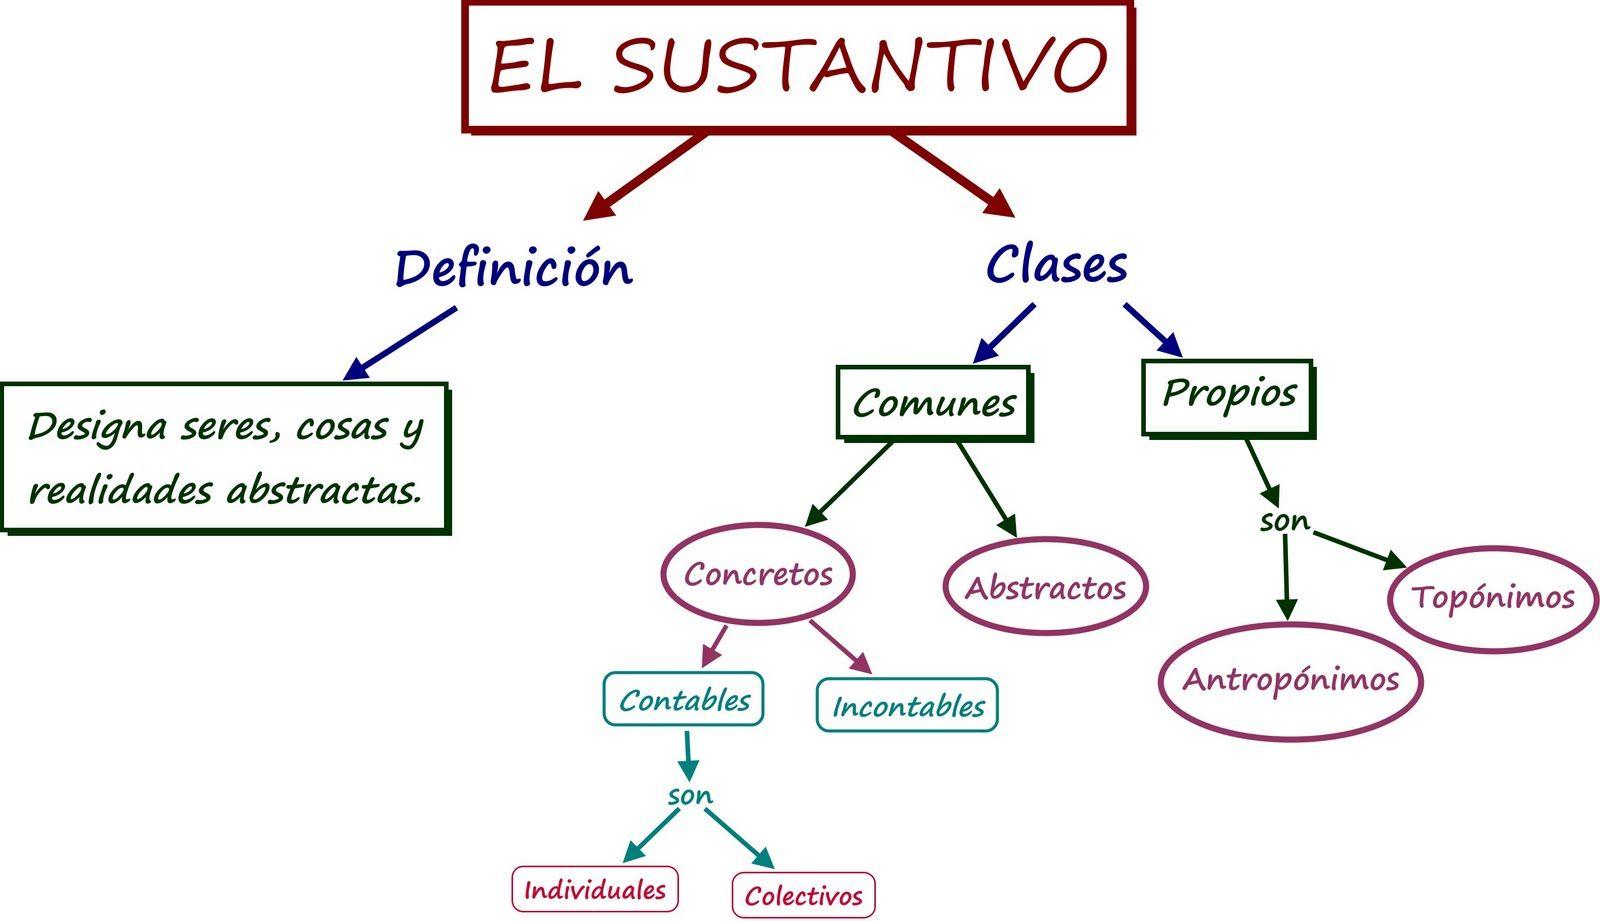 Definición Y Clasificación De Sustantivo Sustantivo Categorías Gramaticales Actividades De Ortografía